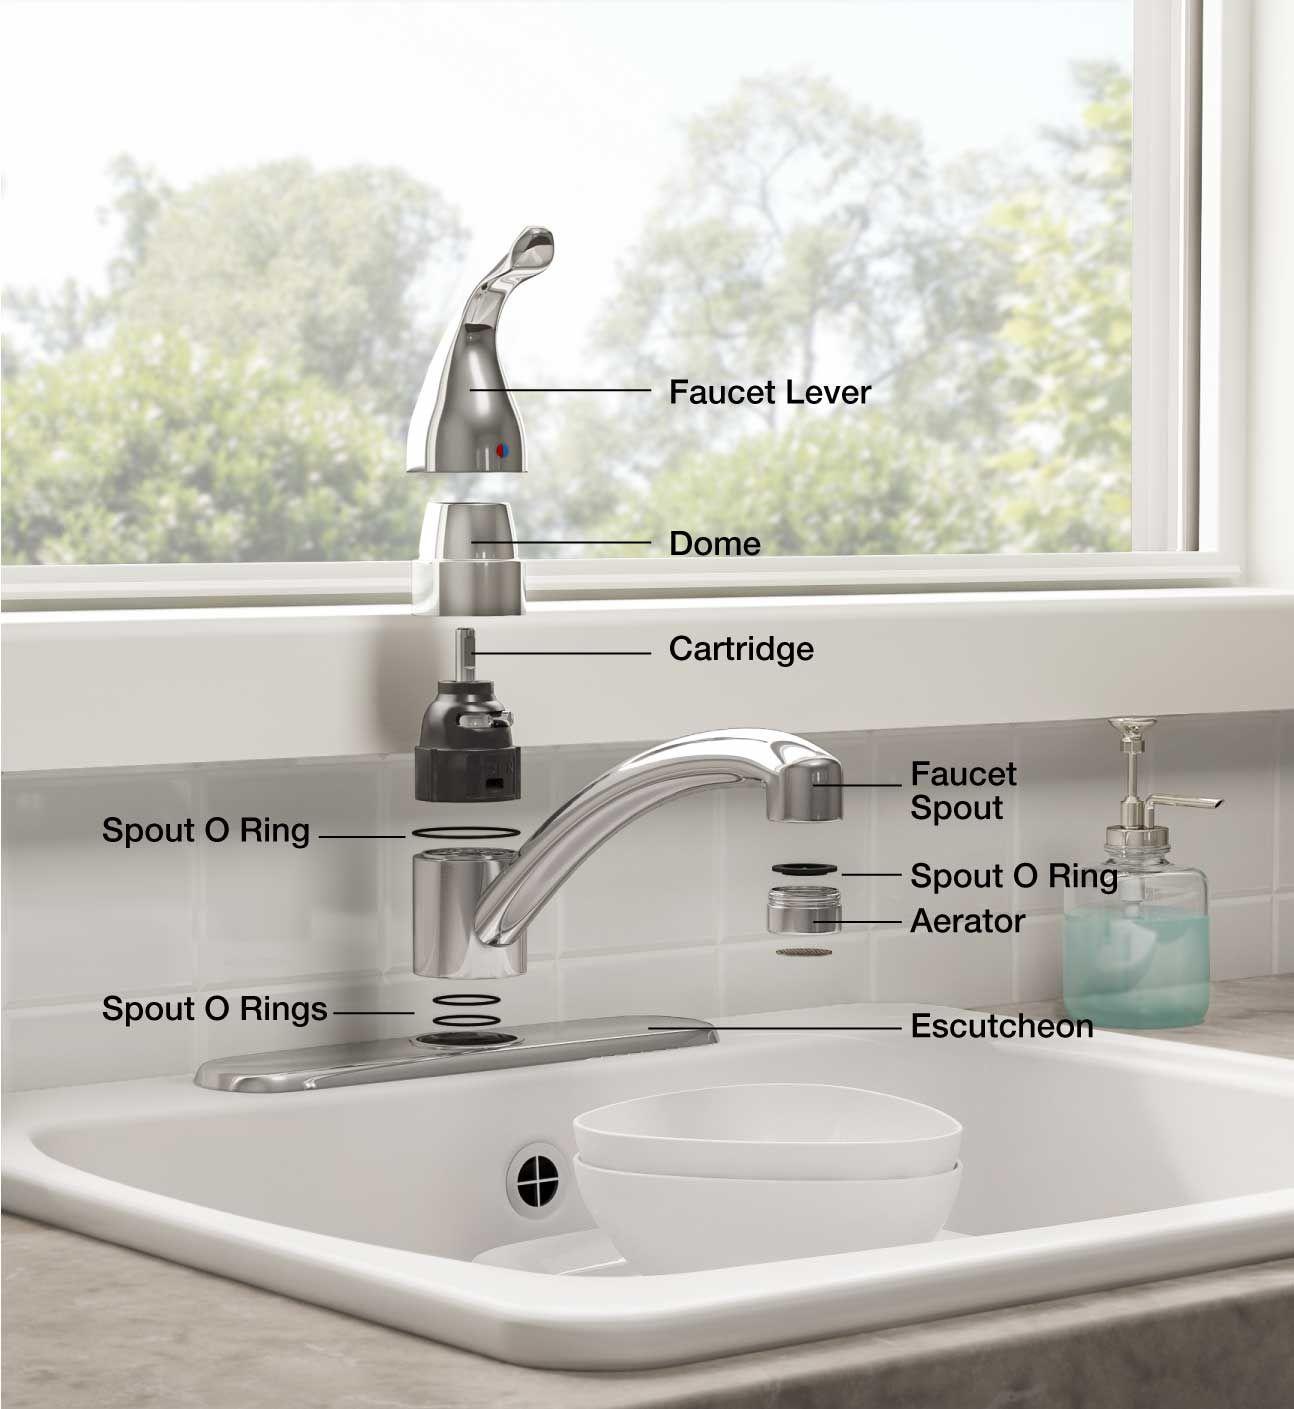 10 How To Choose Cohesive Bathroom Plumbing Fixtures Kitchen